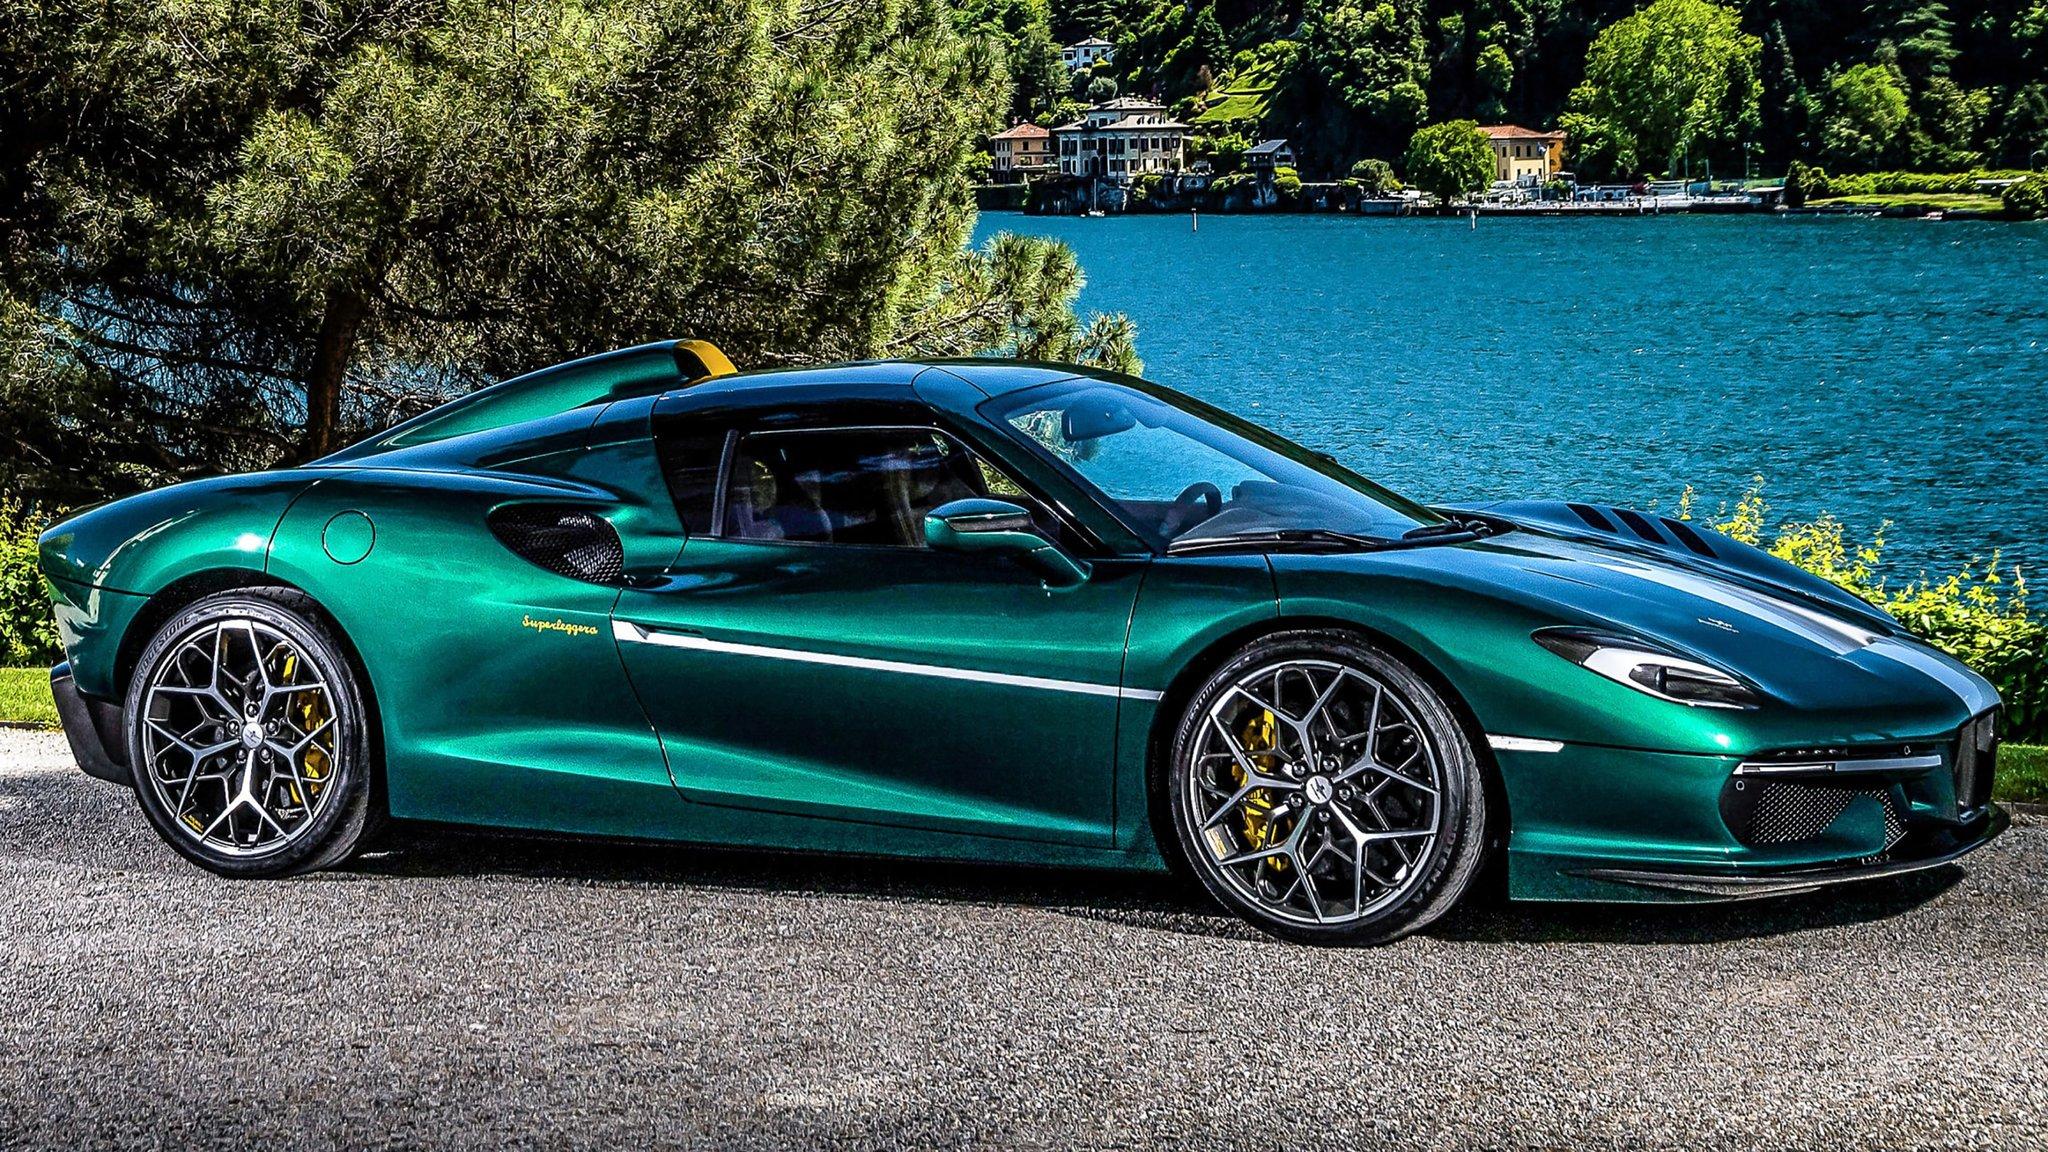 Alfa Romeo Foto,Alfa Romeo está en tendencia en Twitter - Los tweets más populares